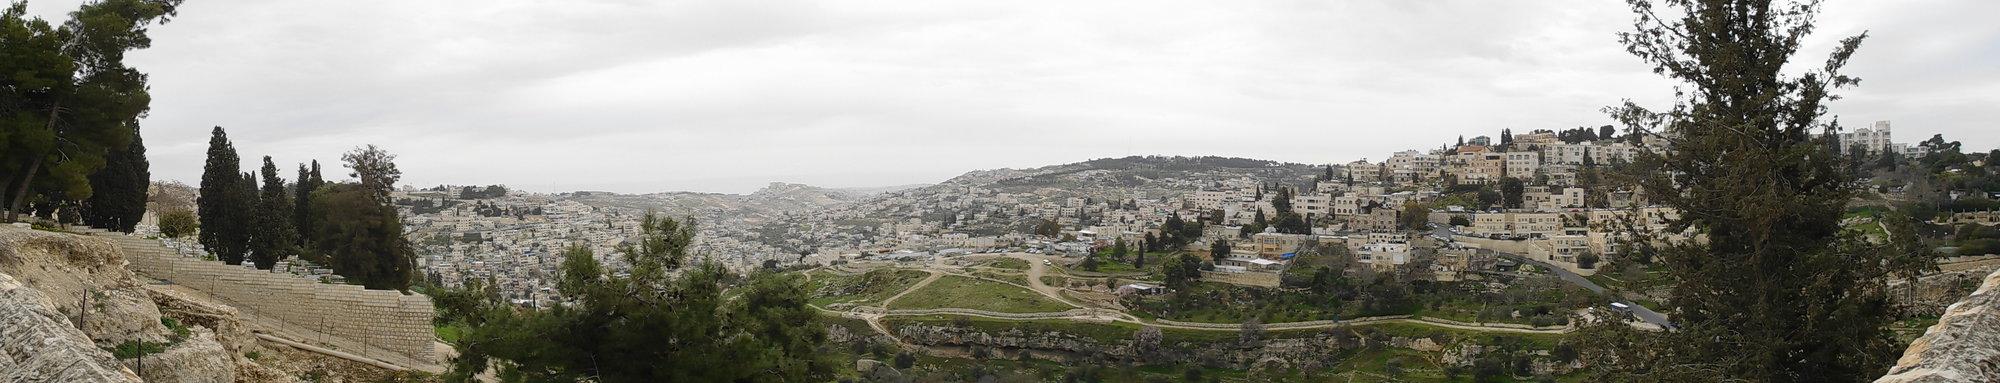 výhľad na Palestínu z hory Sion